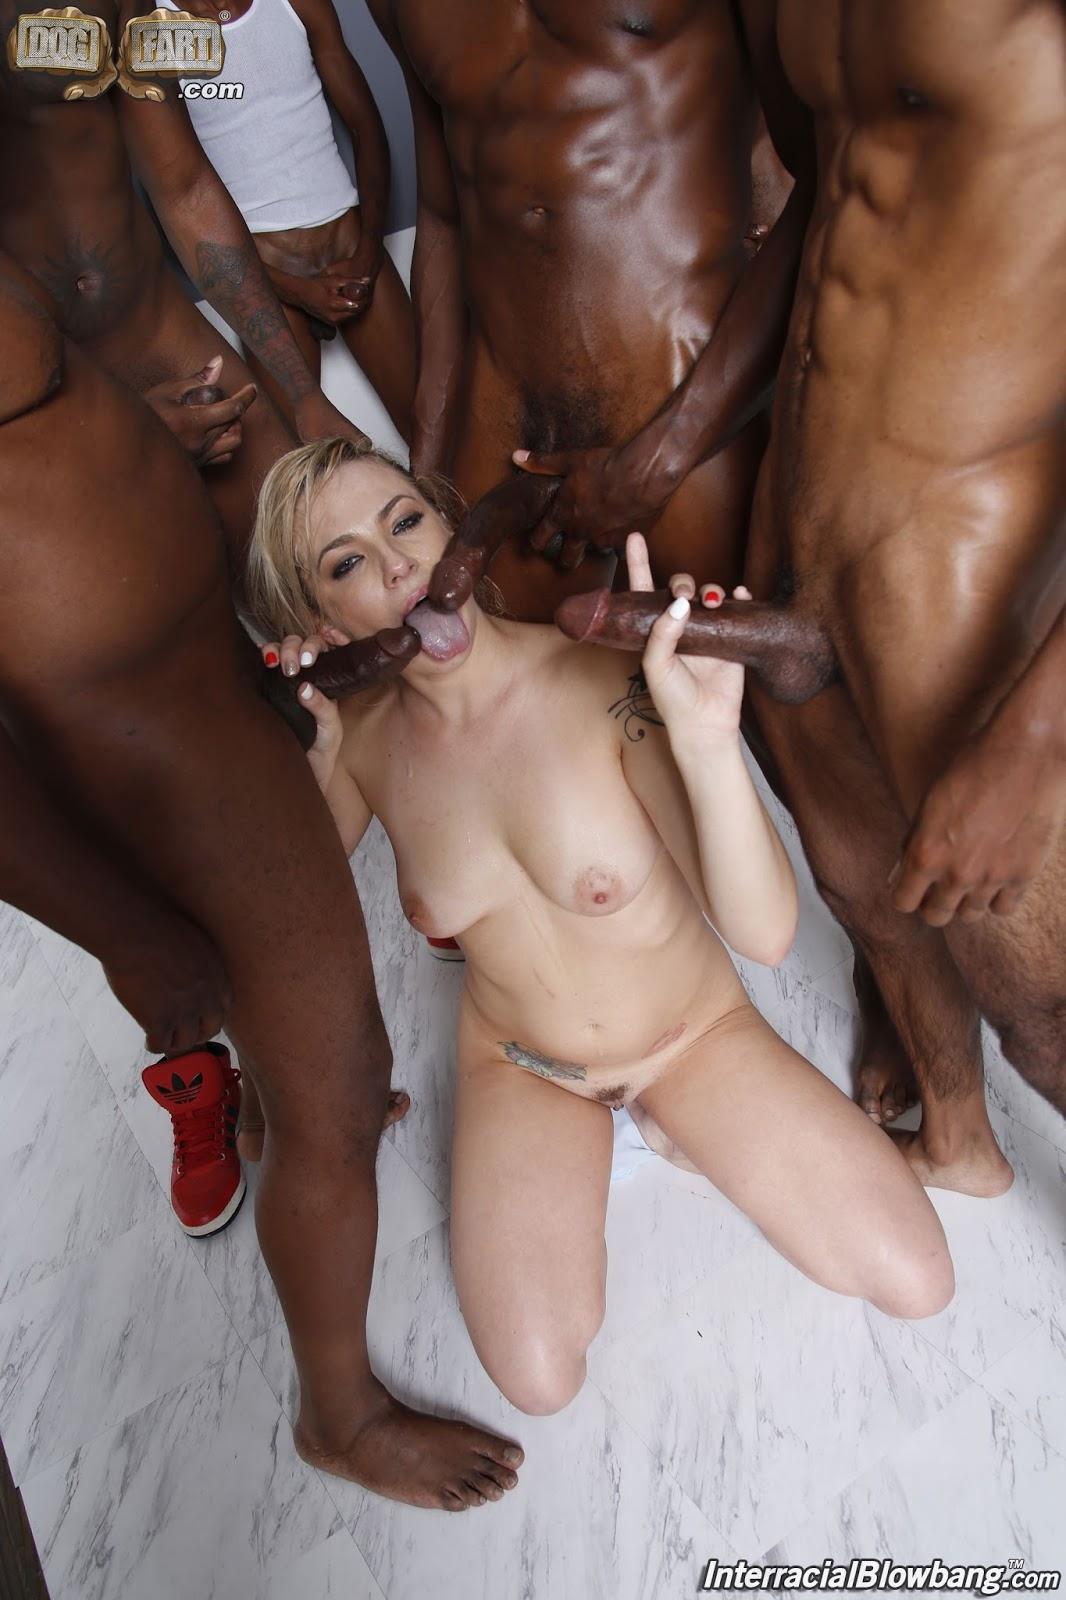 Смотреть толпа негров и блондинка, оральный секс с молодыми толстушками